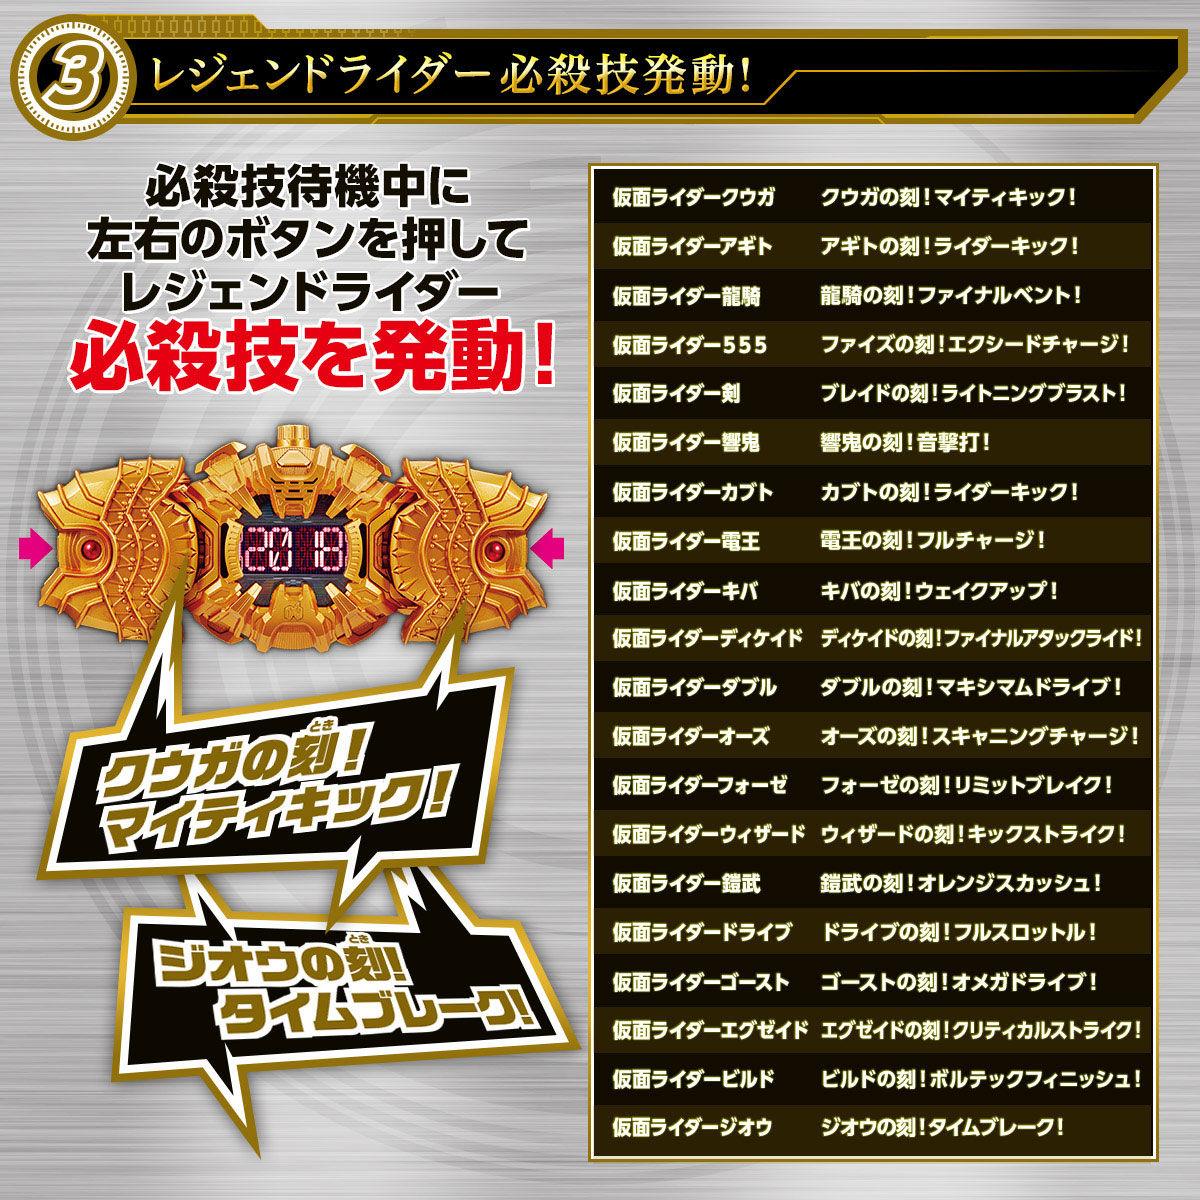 【限定販売】仮面ライダージオウ『DXオーマジオウドライバー』変身ベルト-004